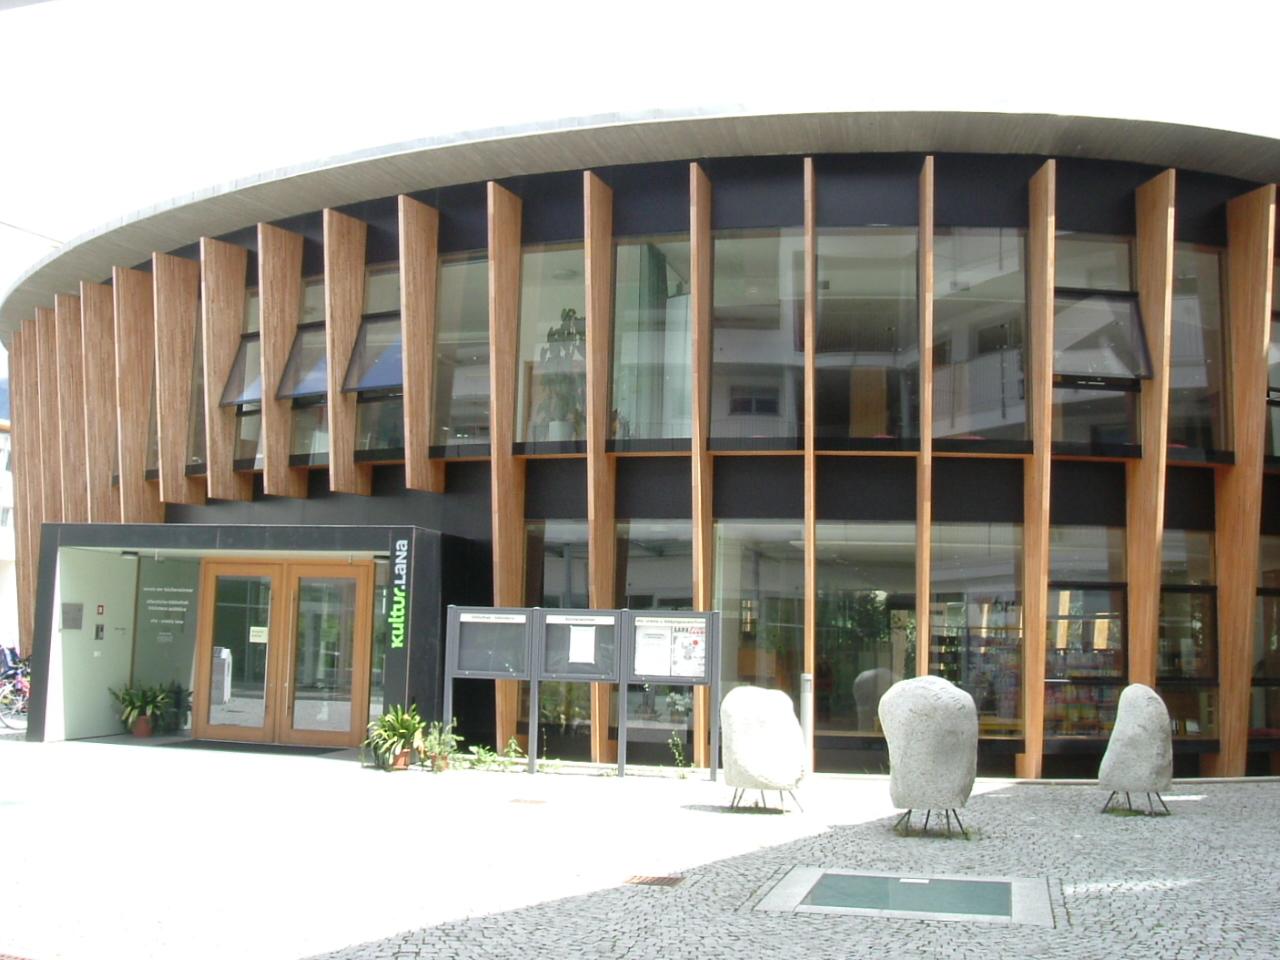 Comune Di Lana Bz biblioteca pubblica - comune di lana - home